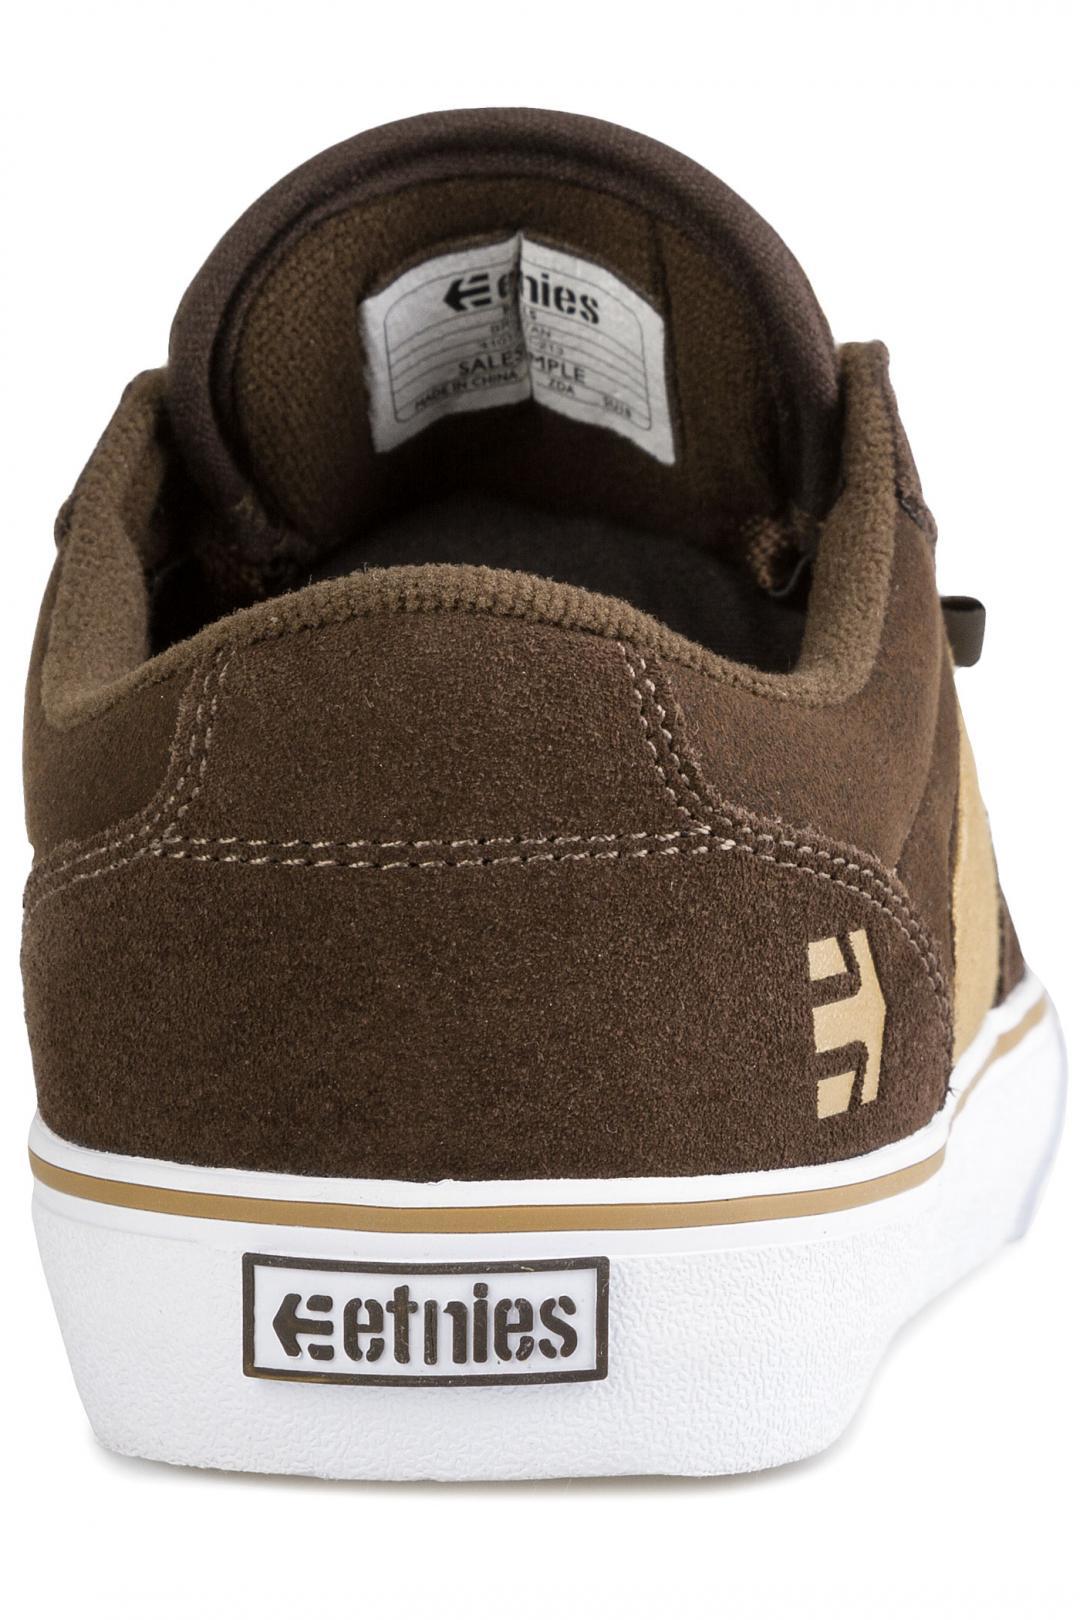 Uomo Etnies Barge LS brown tan | Sneakers low top